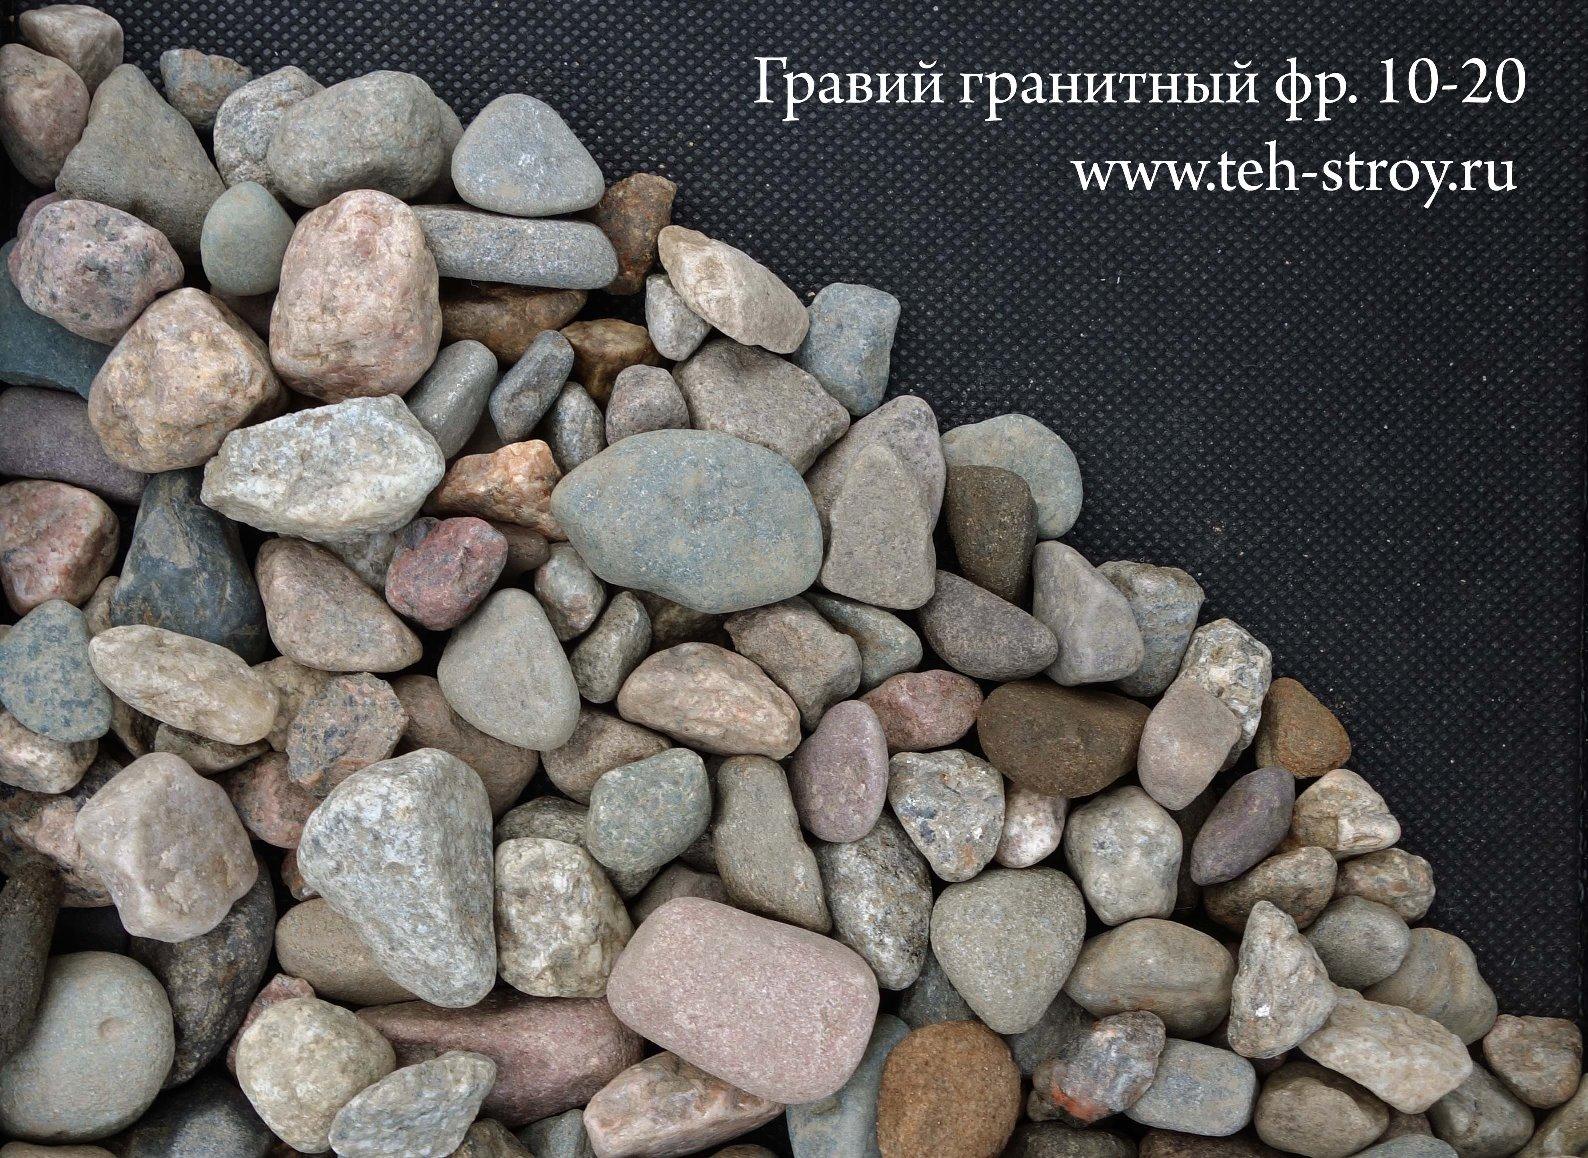 Щебень гранитный 10-20 авекс Ижевск строительная компания